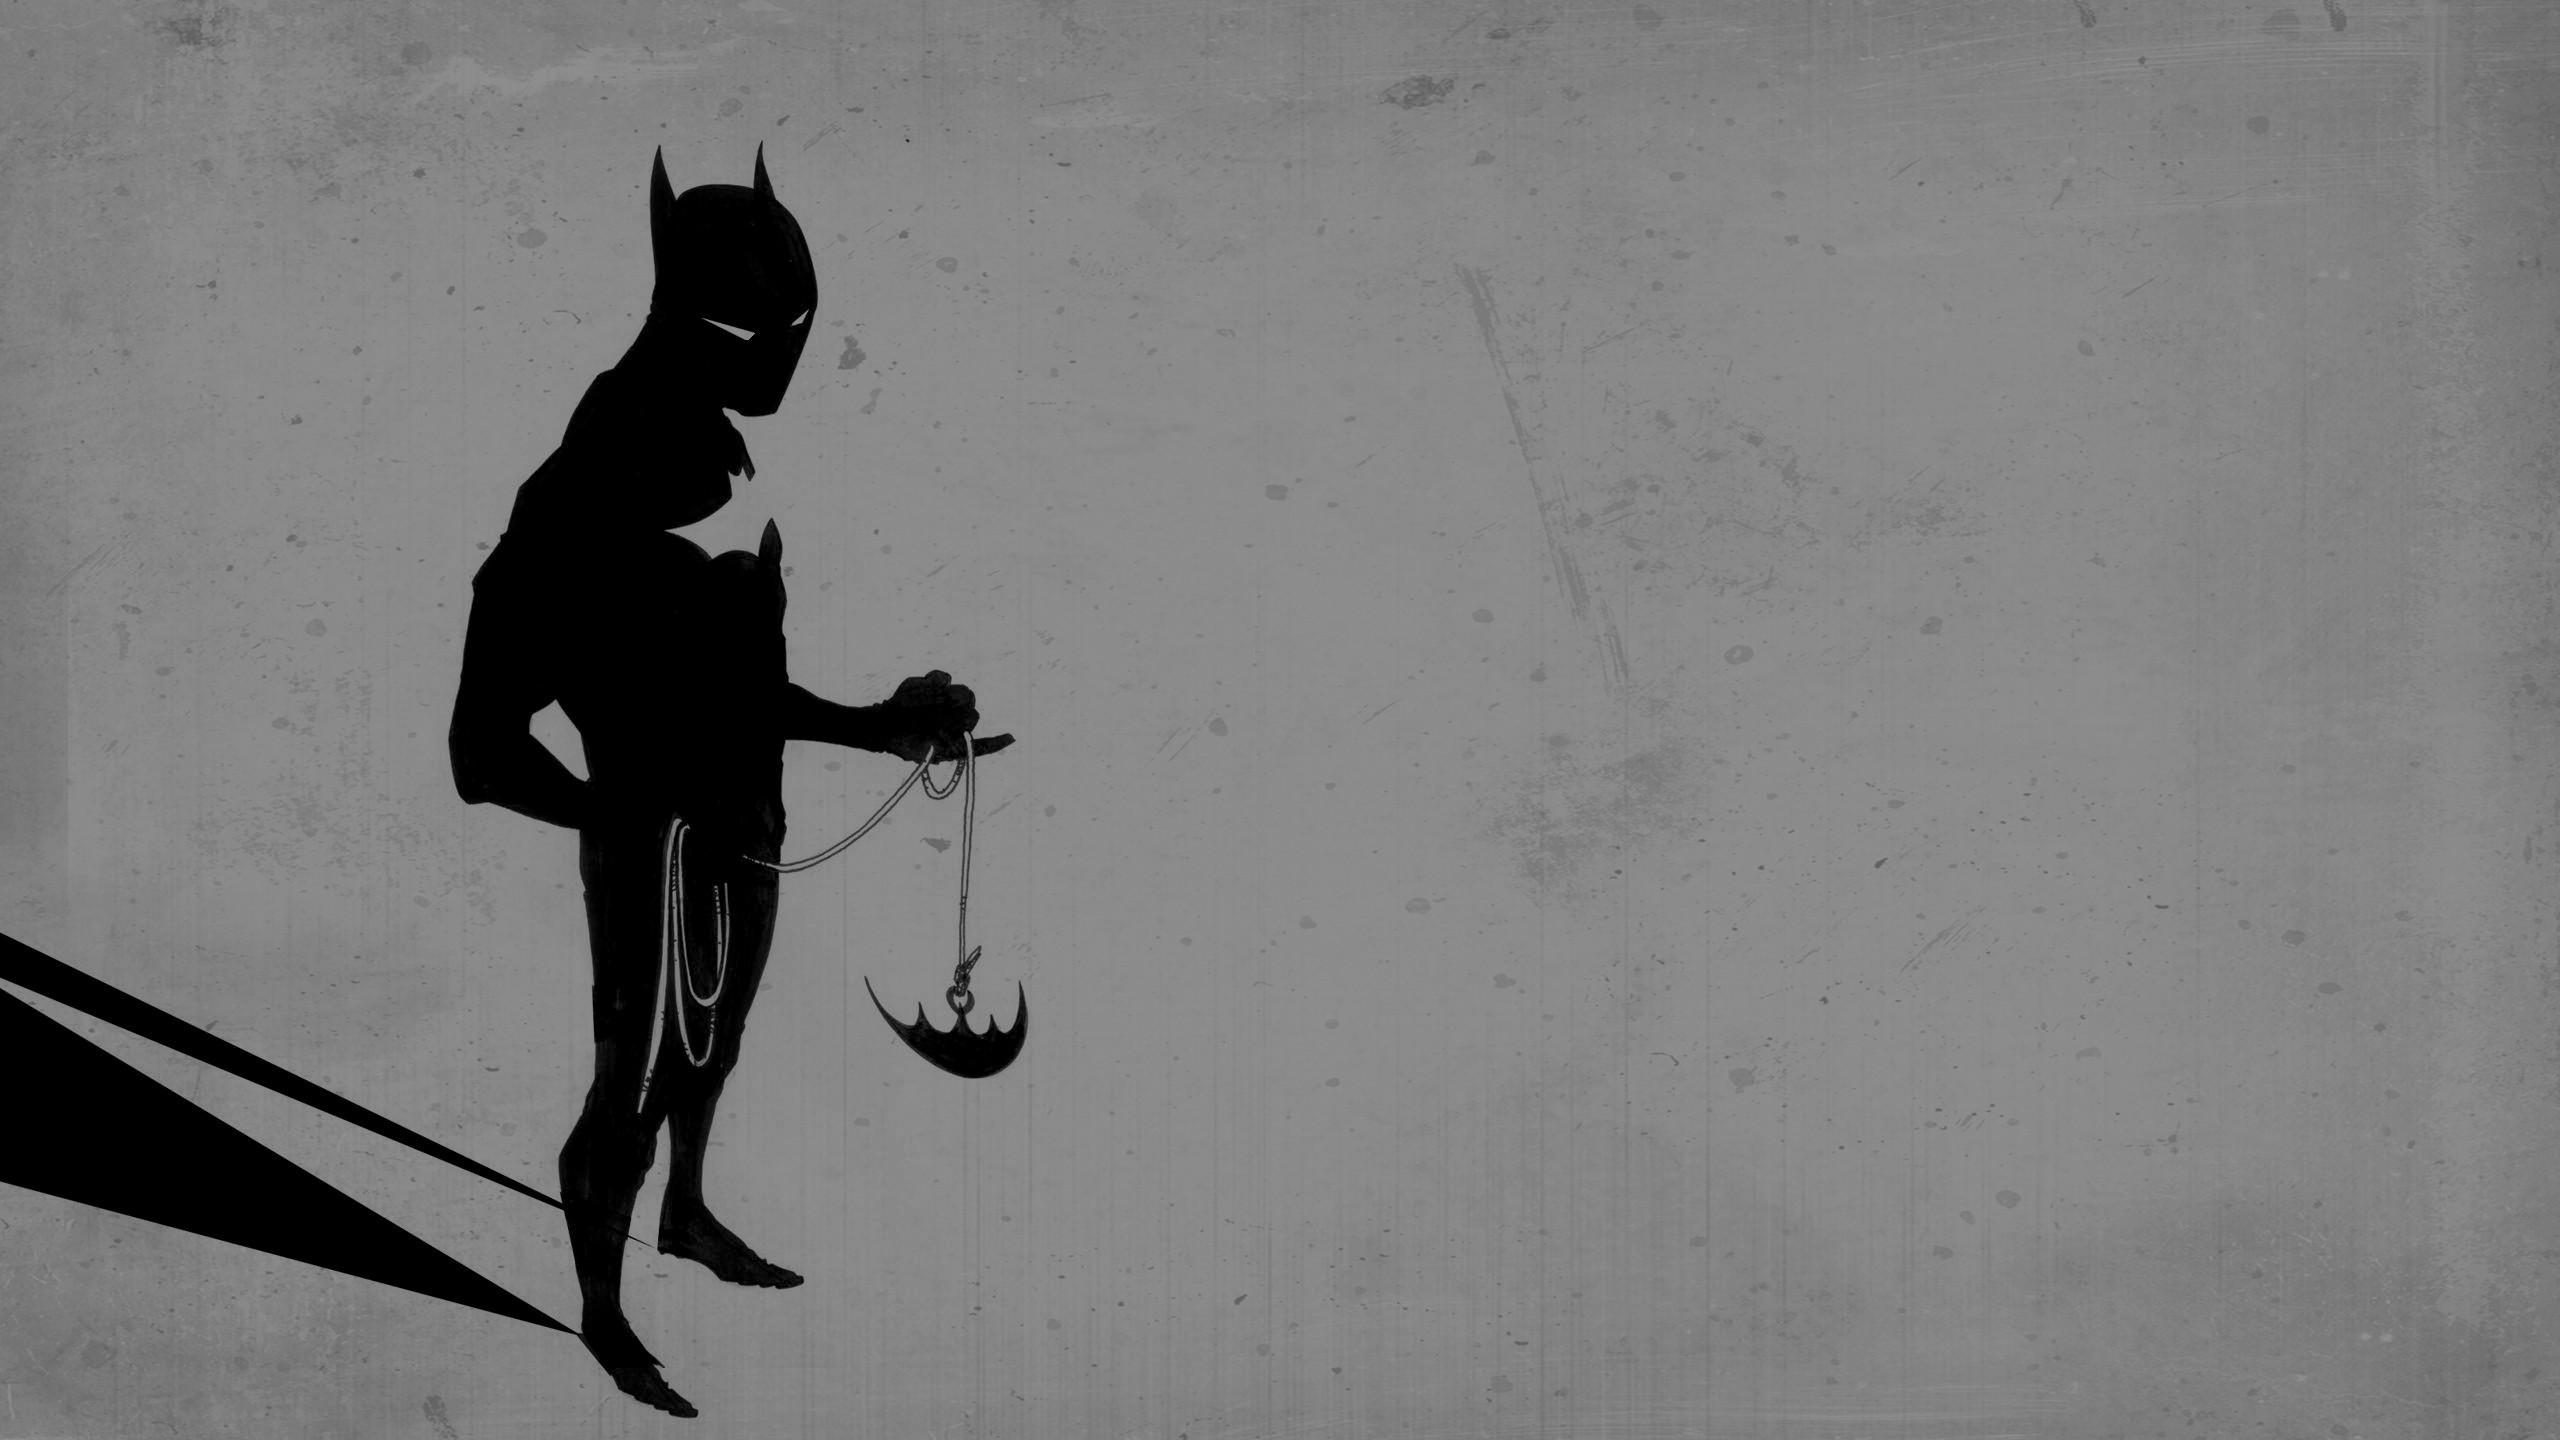 Batman Beyond Hd Duvar Kağıdı Arka Plan 2560x1440 Id493218